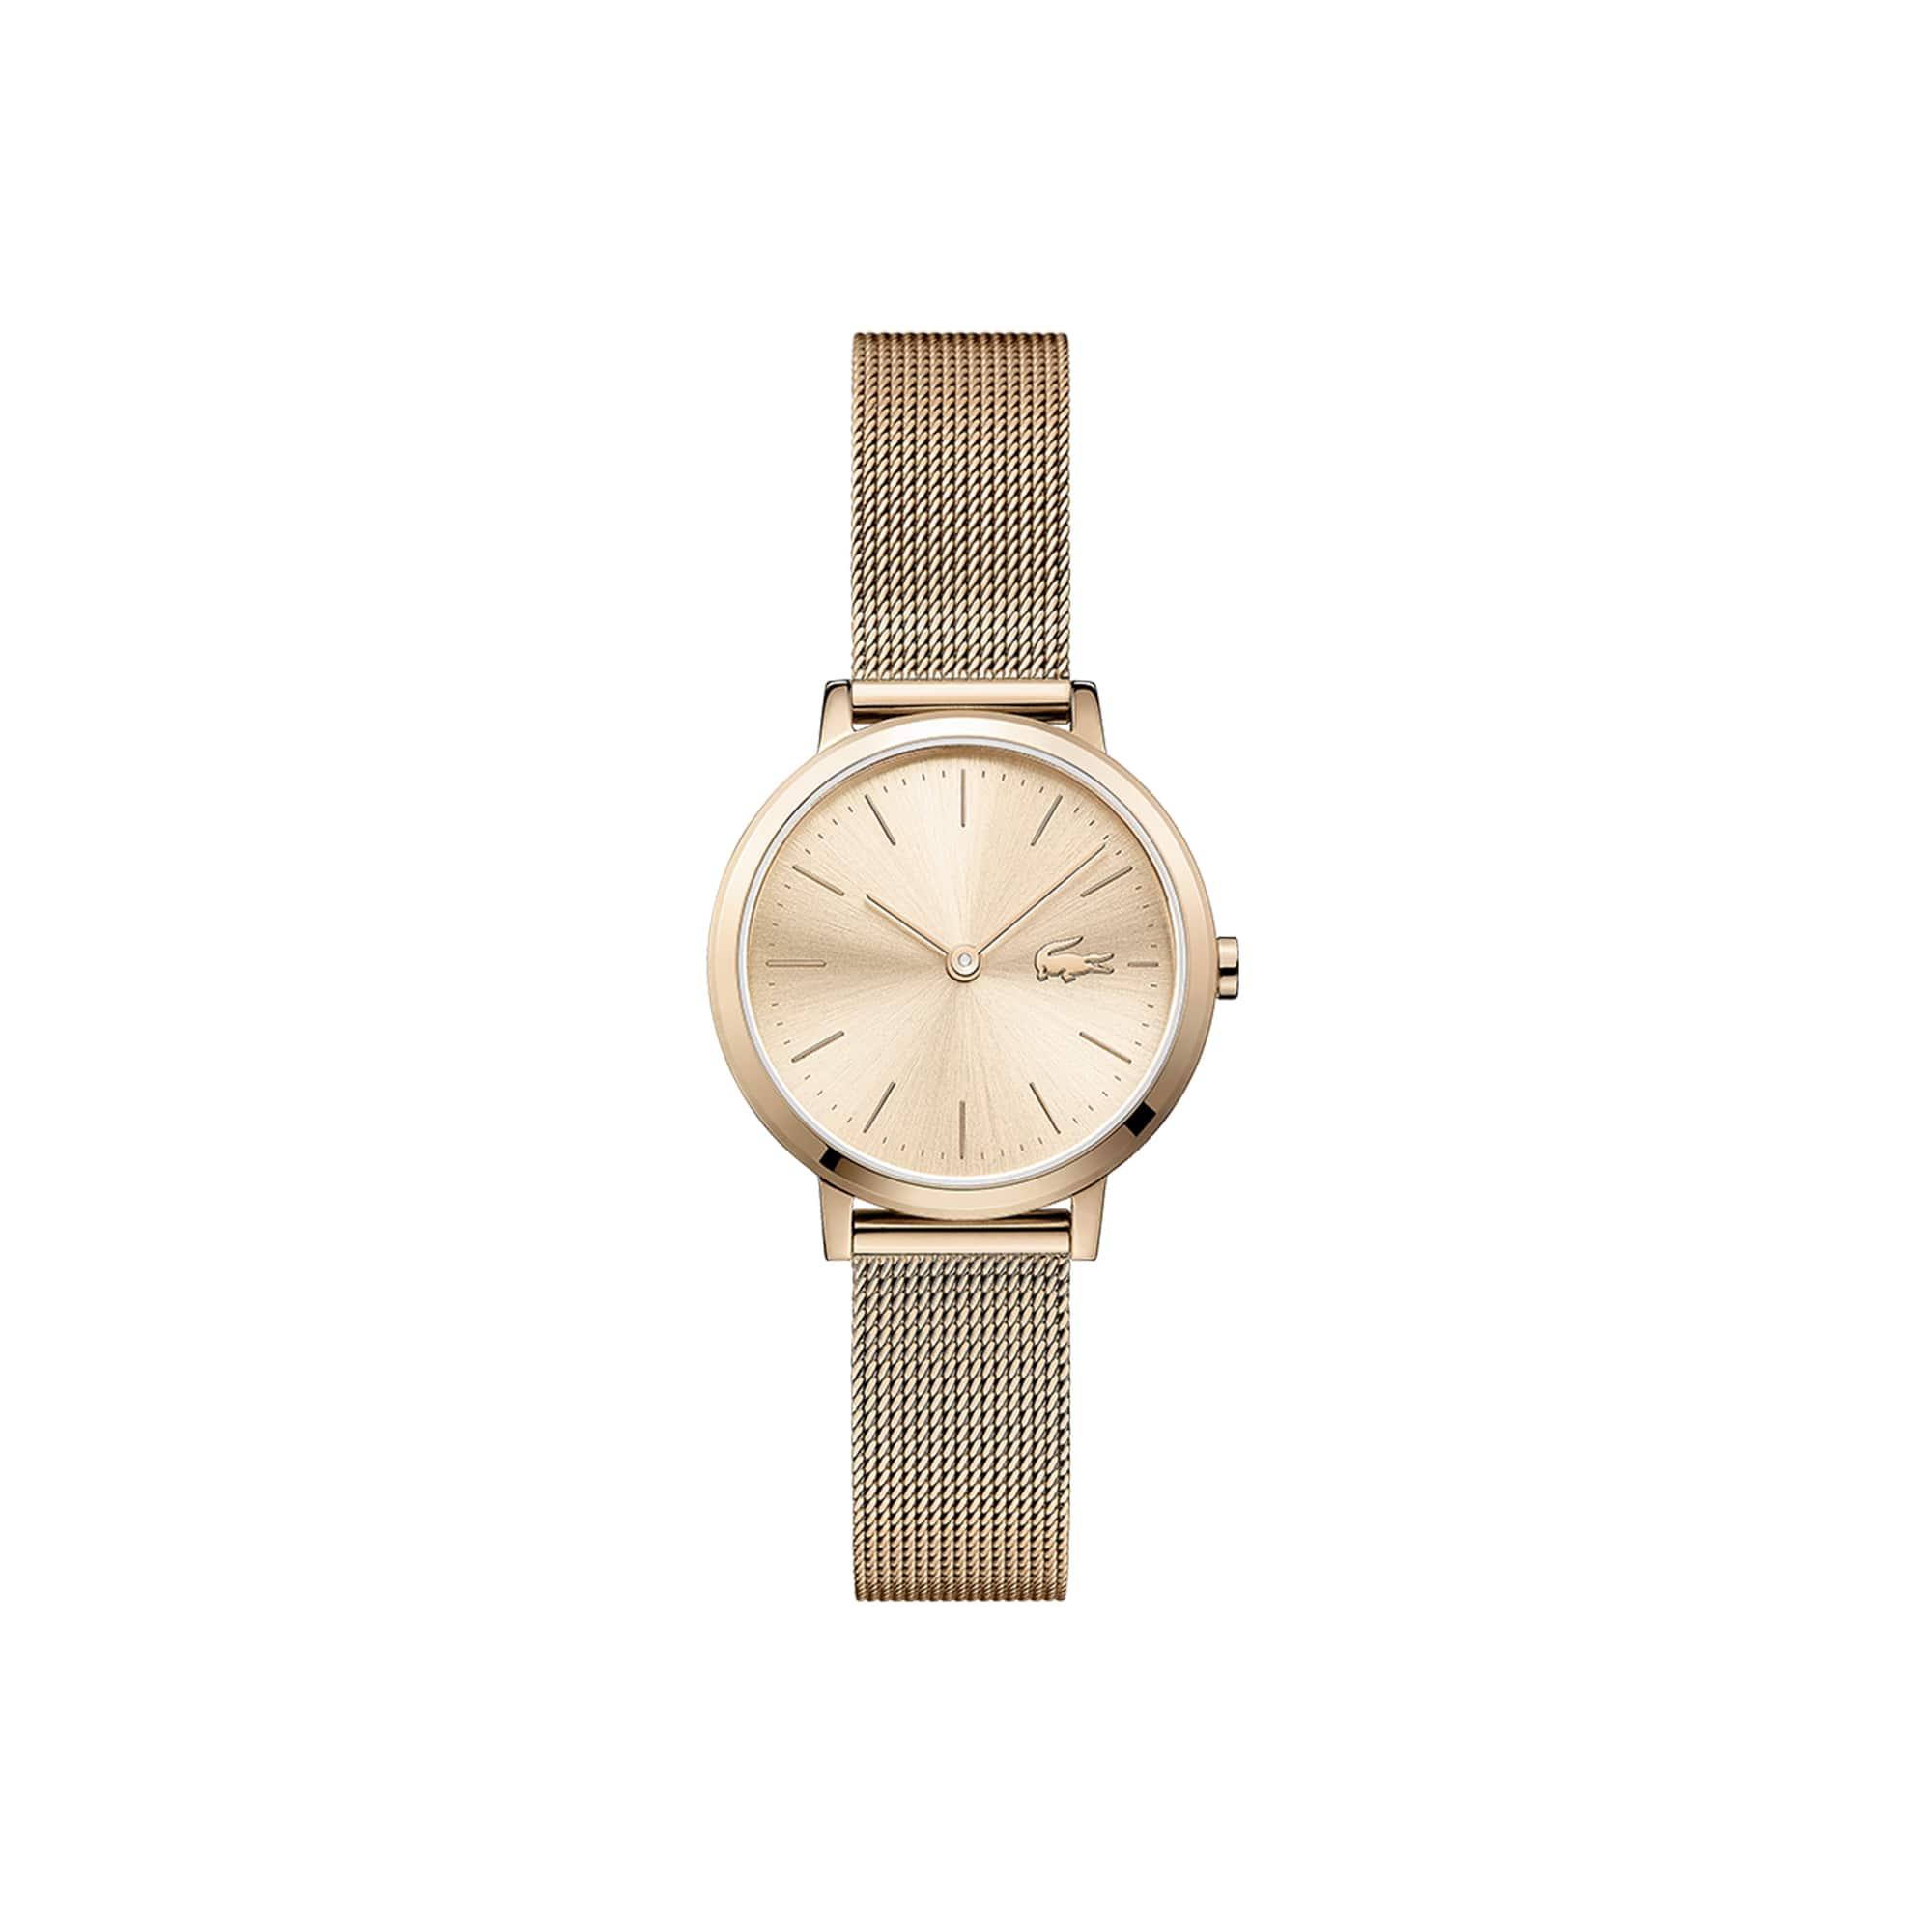 Relógio ultra slim Mini Moon de mulher com bracelete de rede cromada em ouro rosa